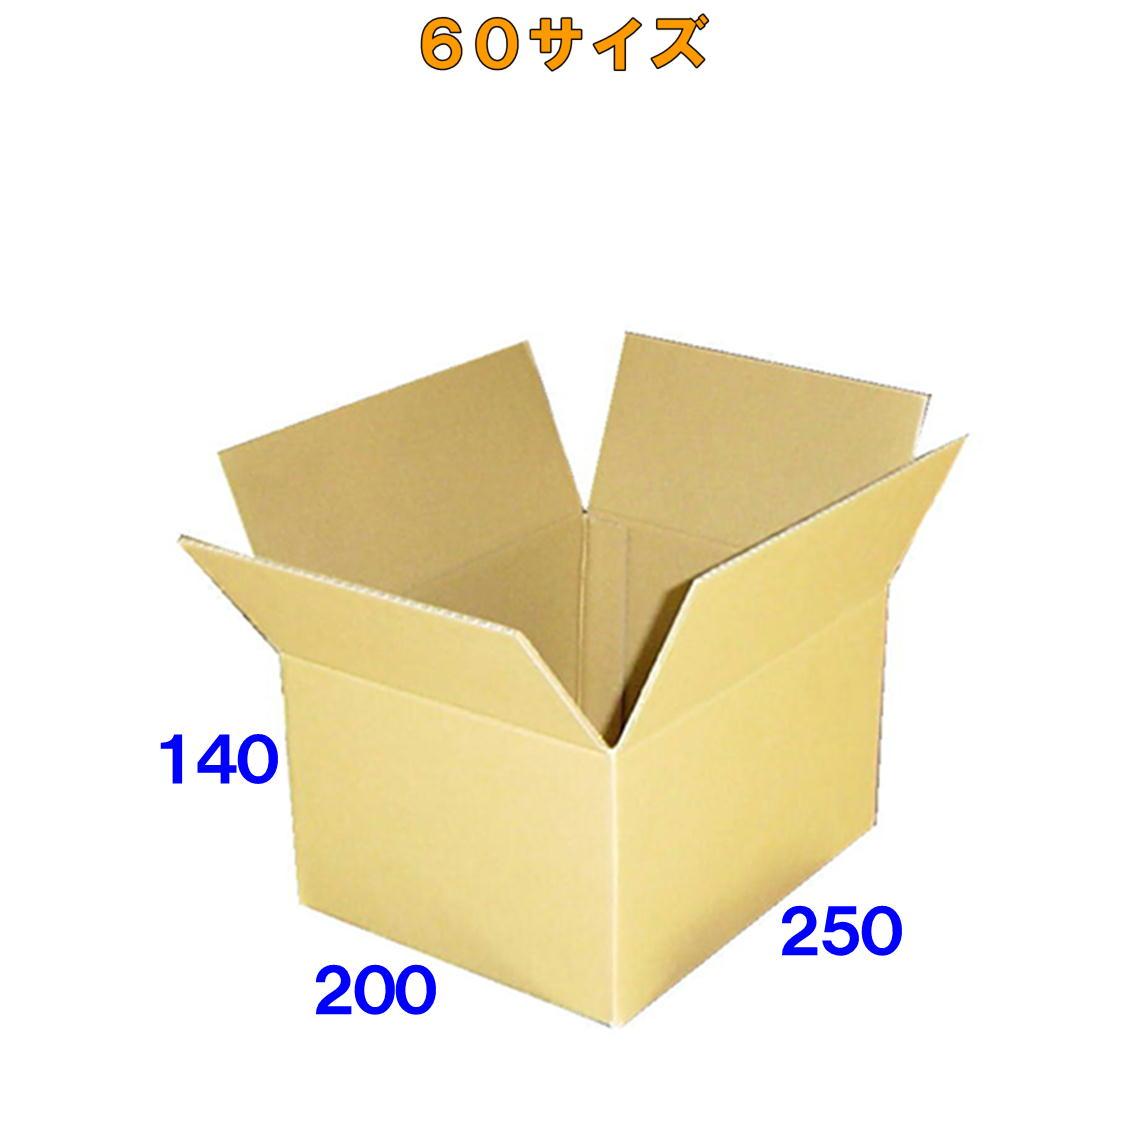 【送料無料】60サイズ ダンボール 箱 160枚